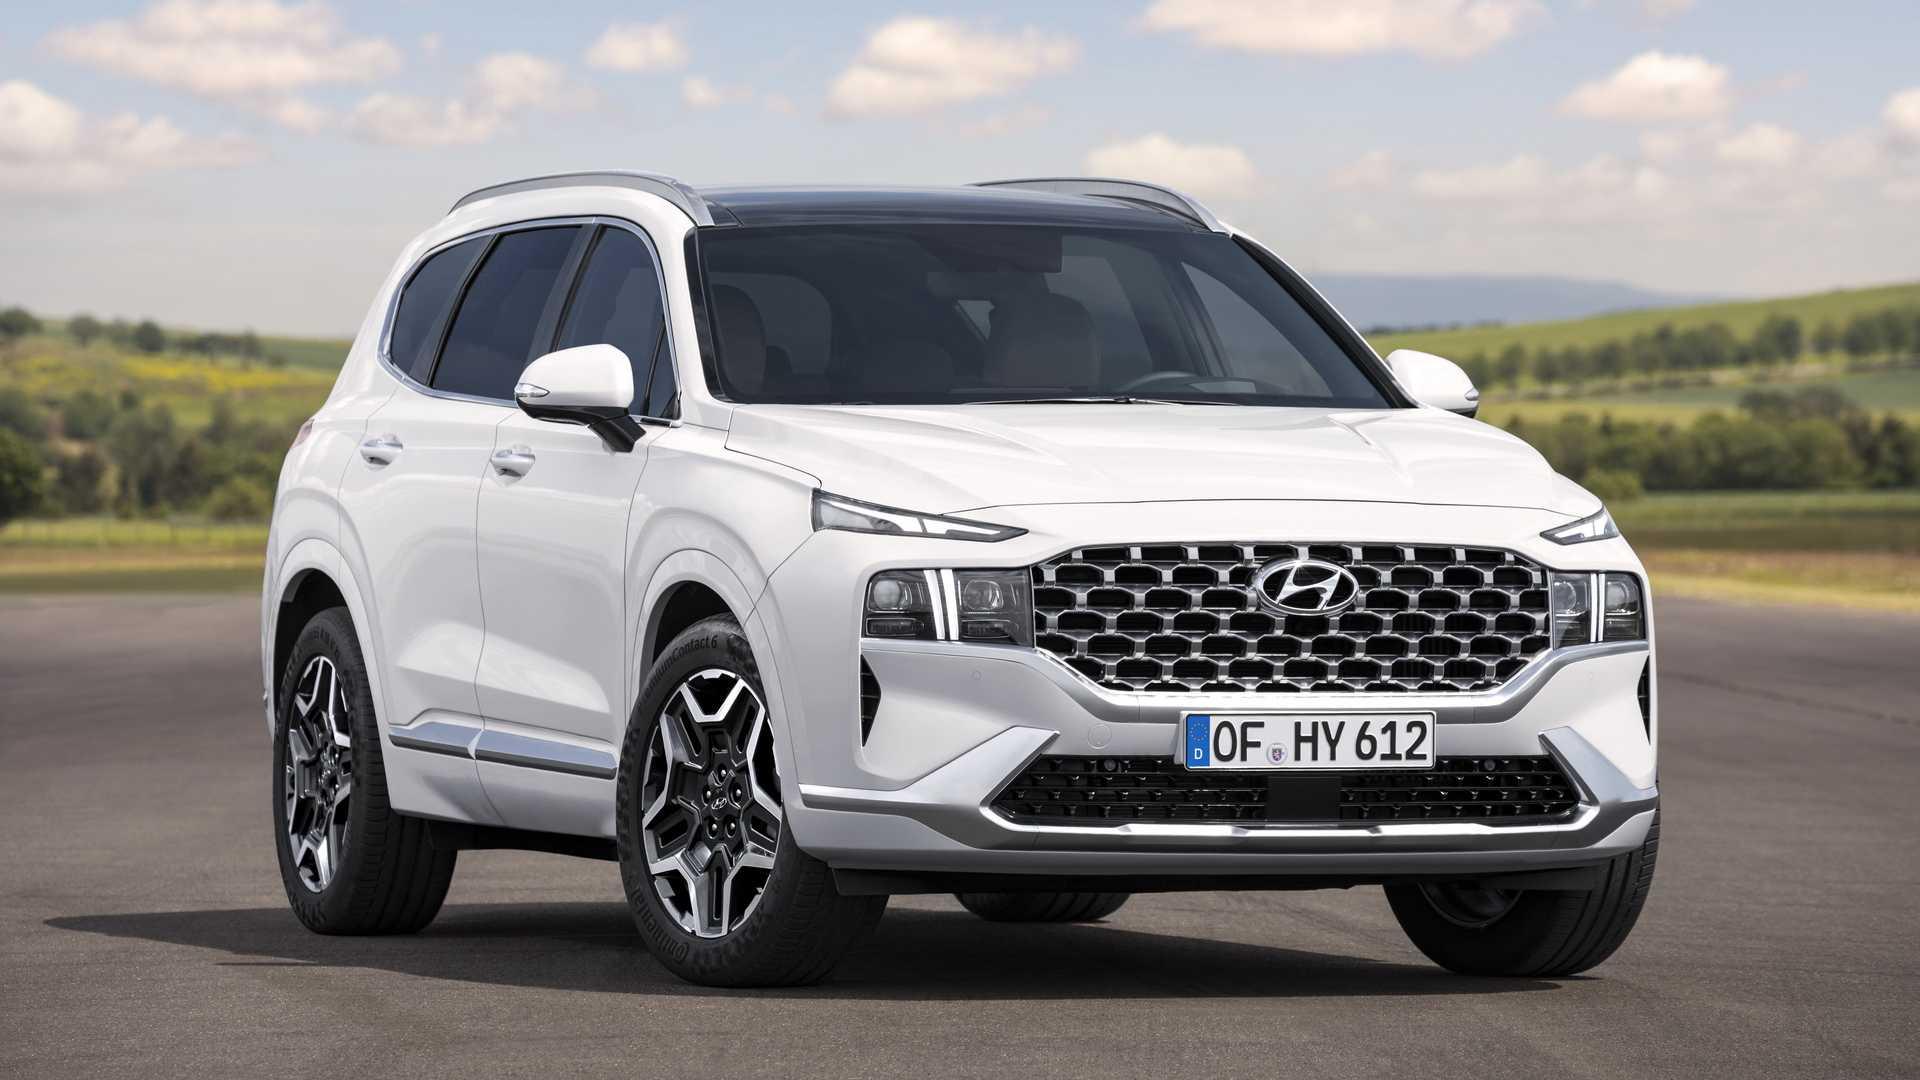 Hyundai Santa Fe 2021 lộ diện hoàn toàn: nâng cấp toàn diện như bản all-new  | Tin Tức | Otosaigon - diễn đàn, cộng đồng ô tô số 1 Việt Nam